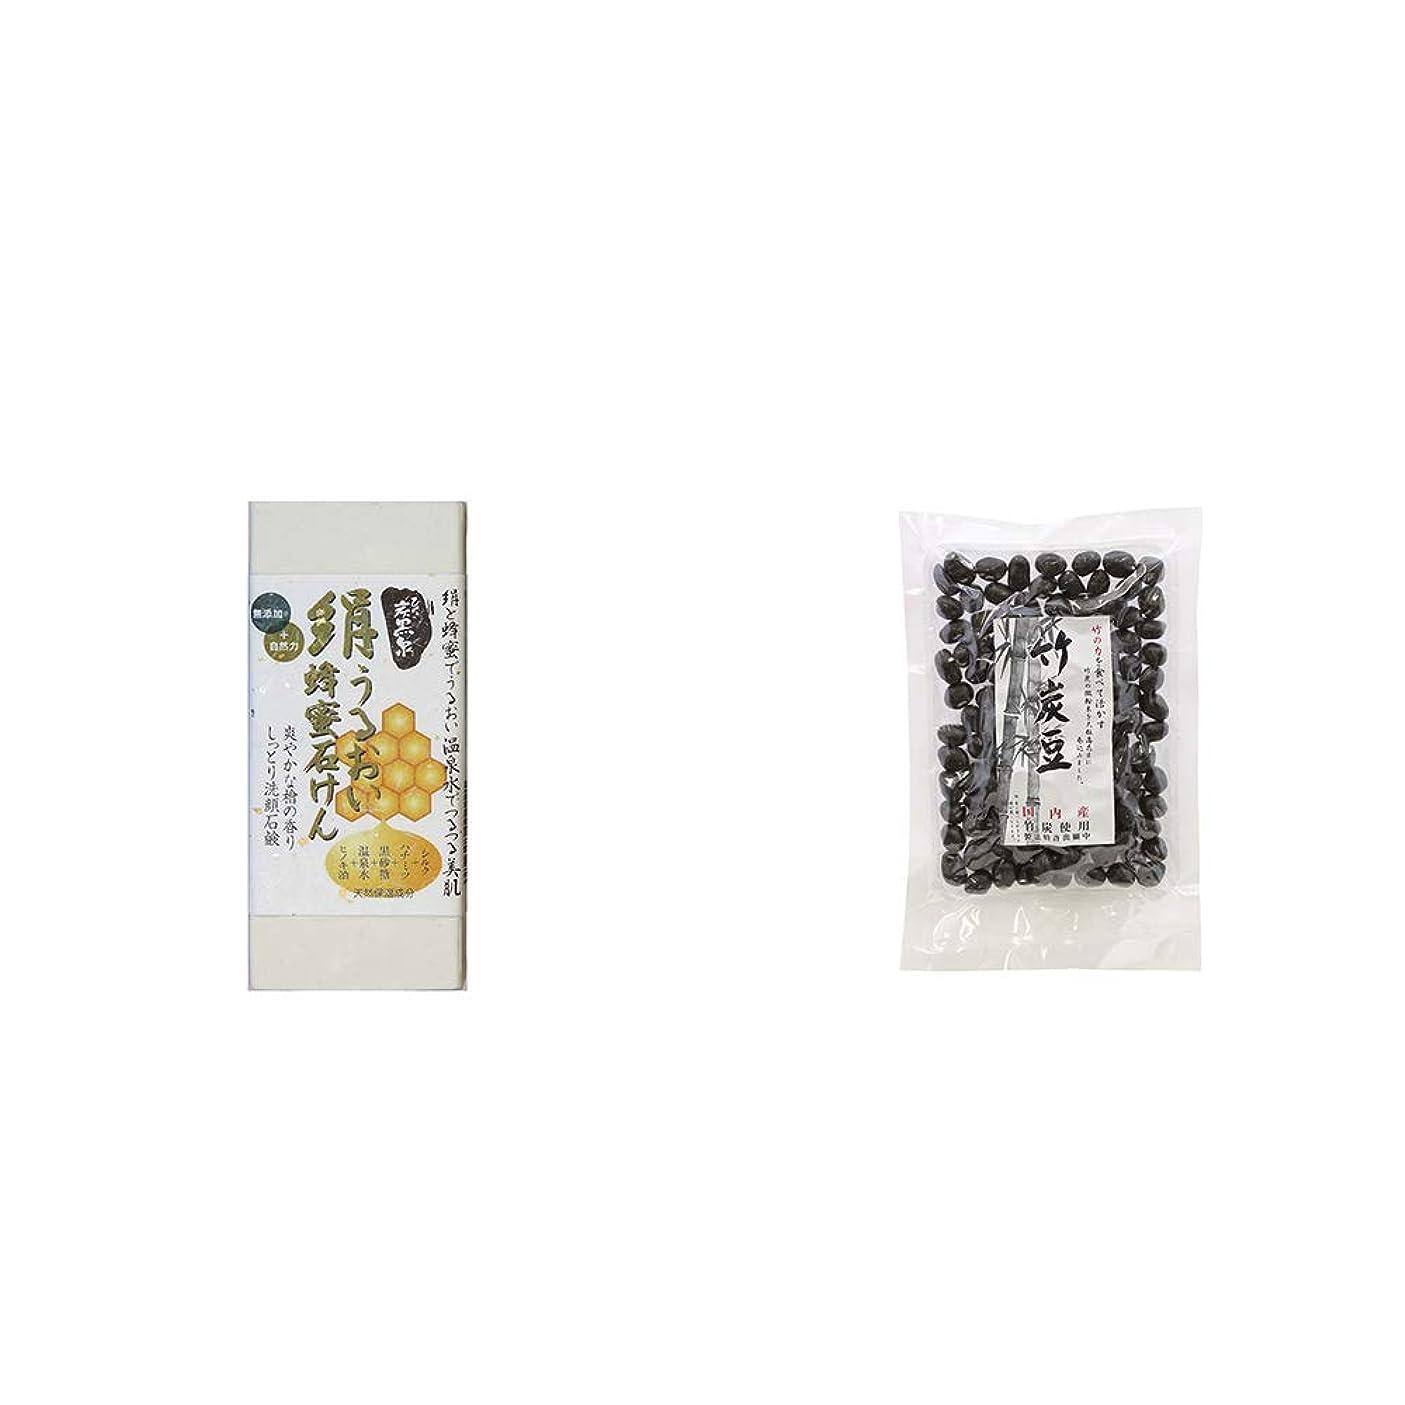 穀物良性温帯[2点セット] ひのき炭黒泉 絹うるおい蜂蜜石けん(75g×2)?国内産 竹炭使用 竹炭豆(160g)